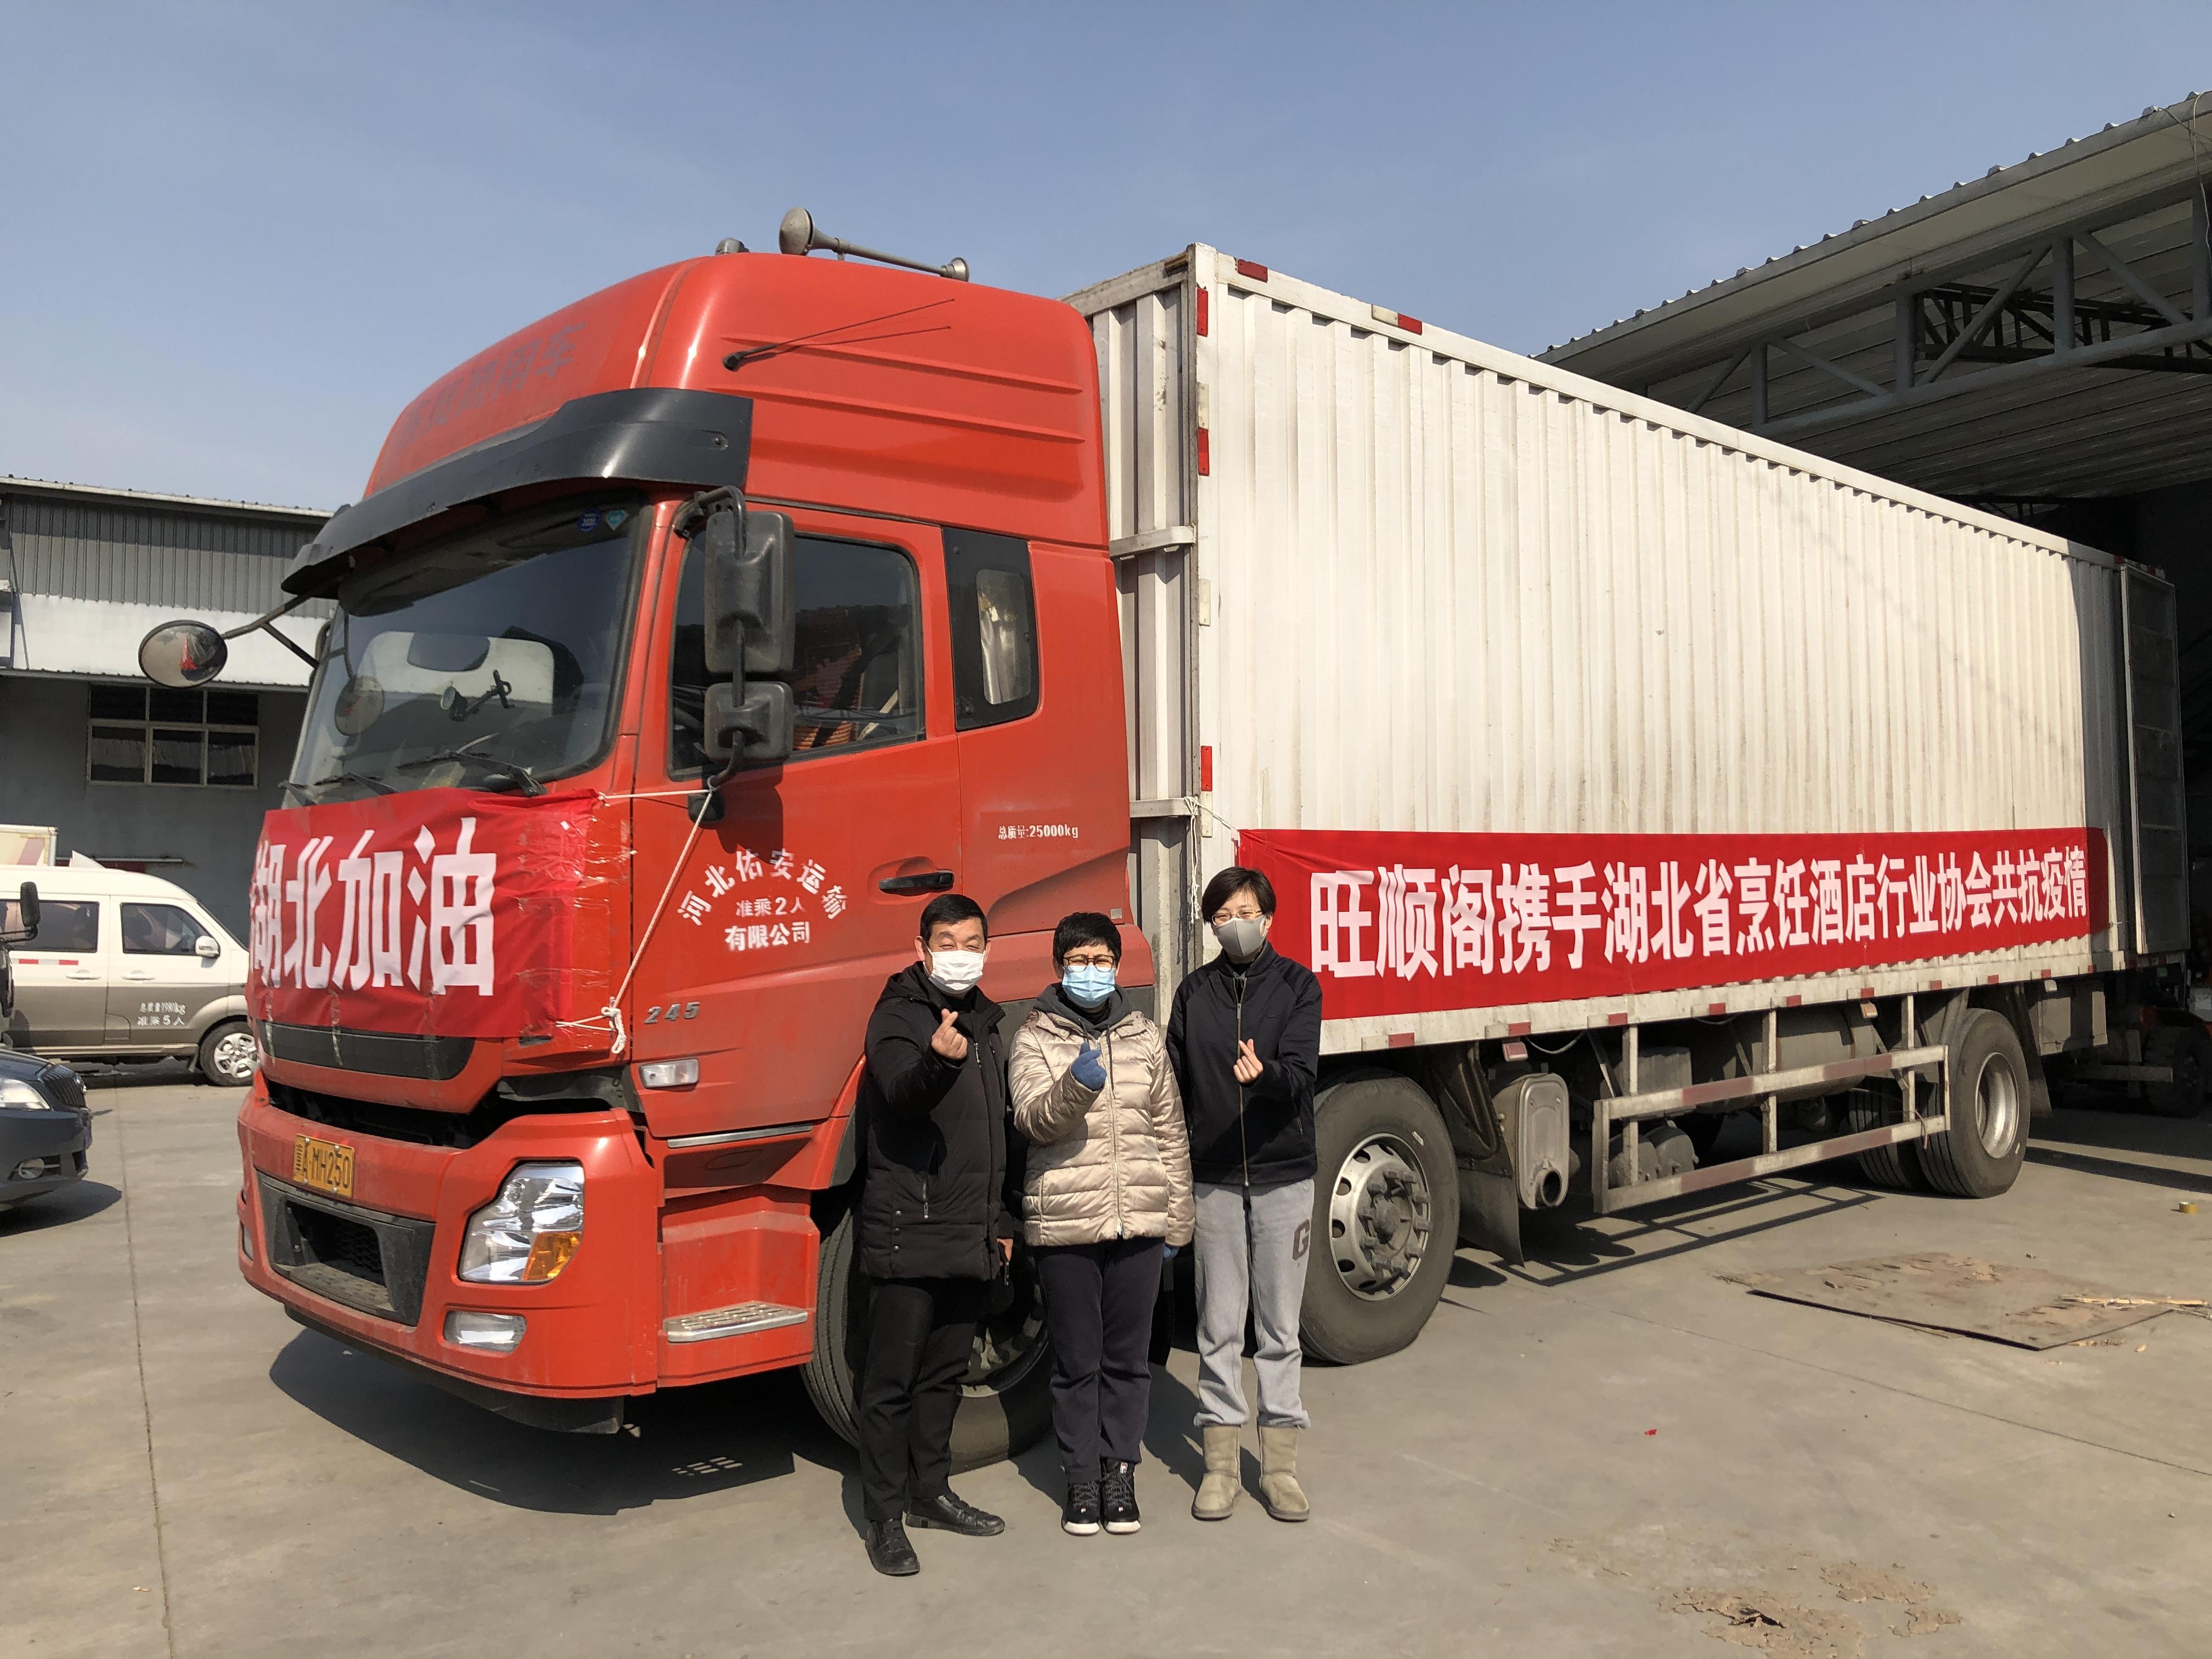 2乐天堂fun88总裁张雅青(中)及企业代表在发车现场